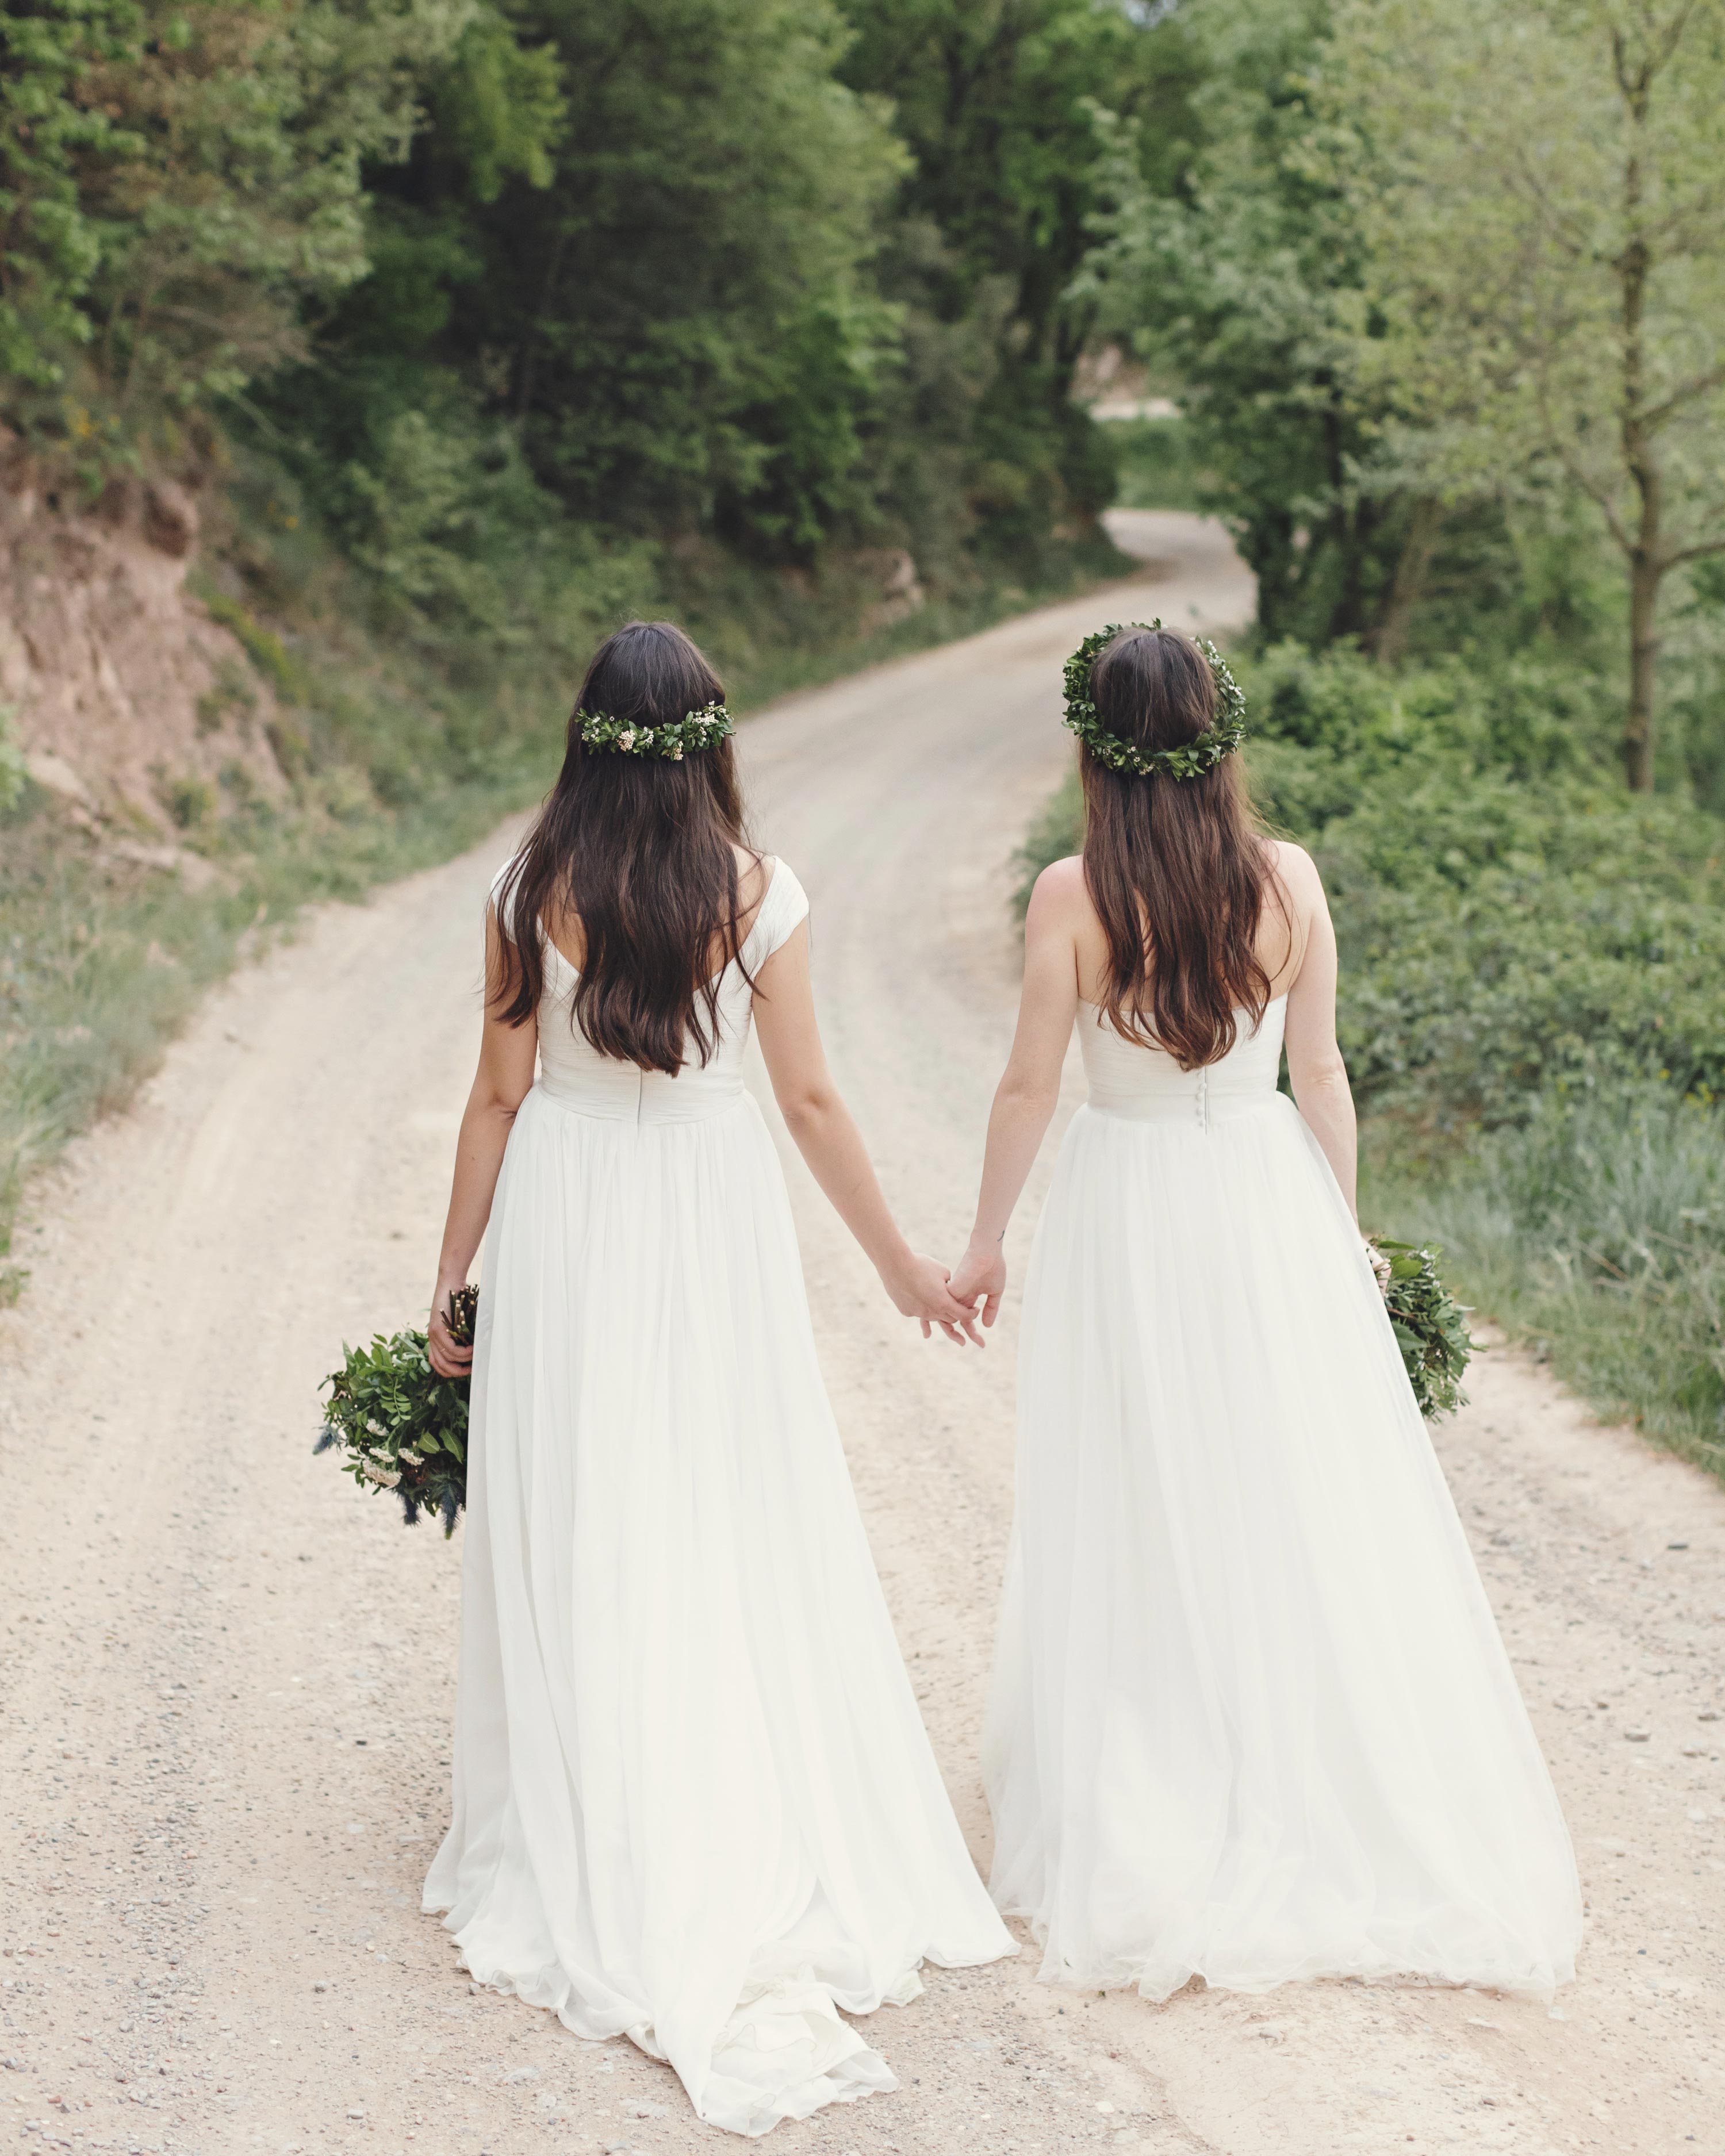 anna-ania-wedding-couple-104-s112510-0216.jpg